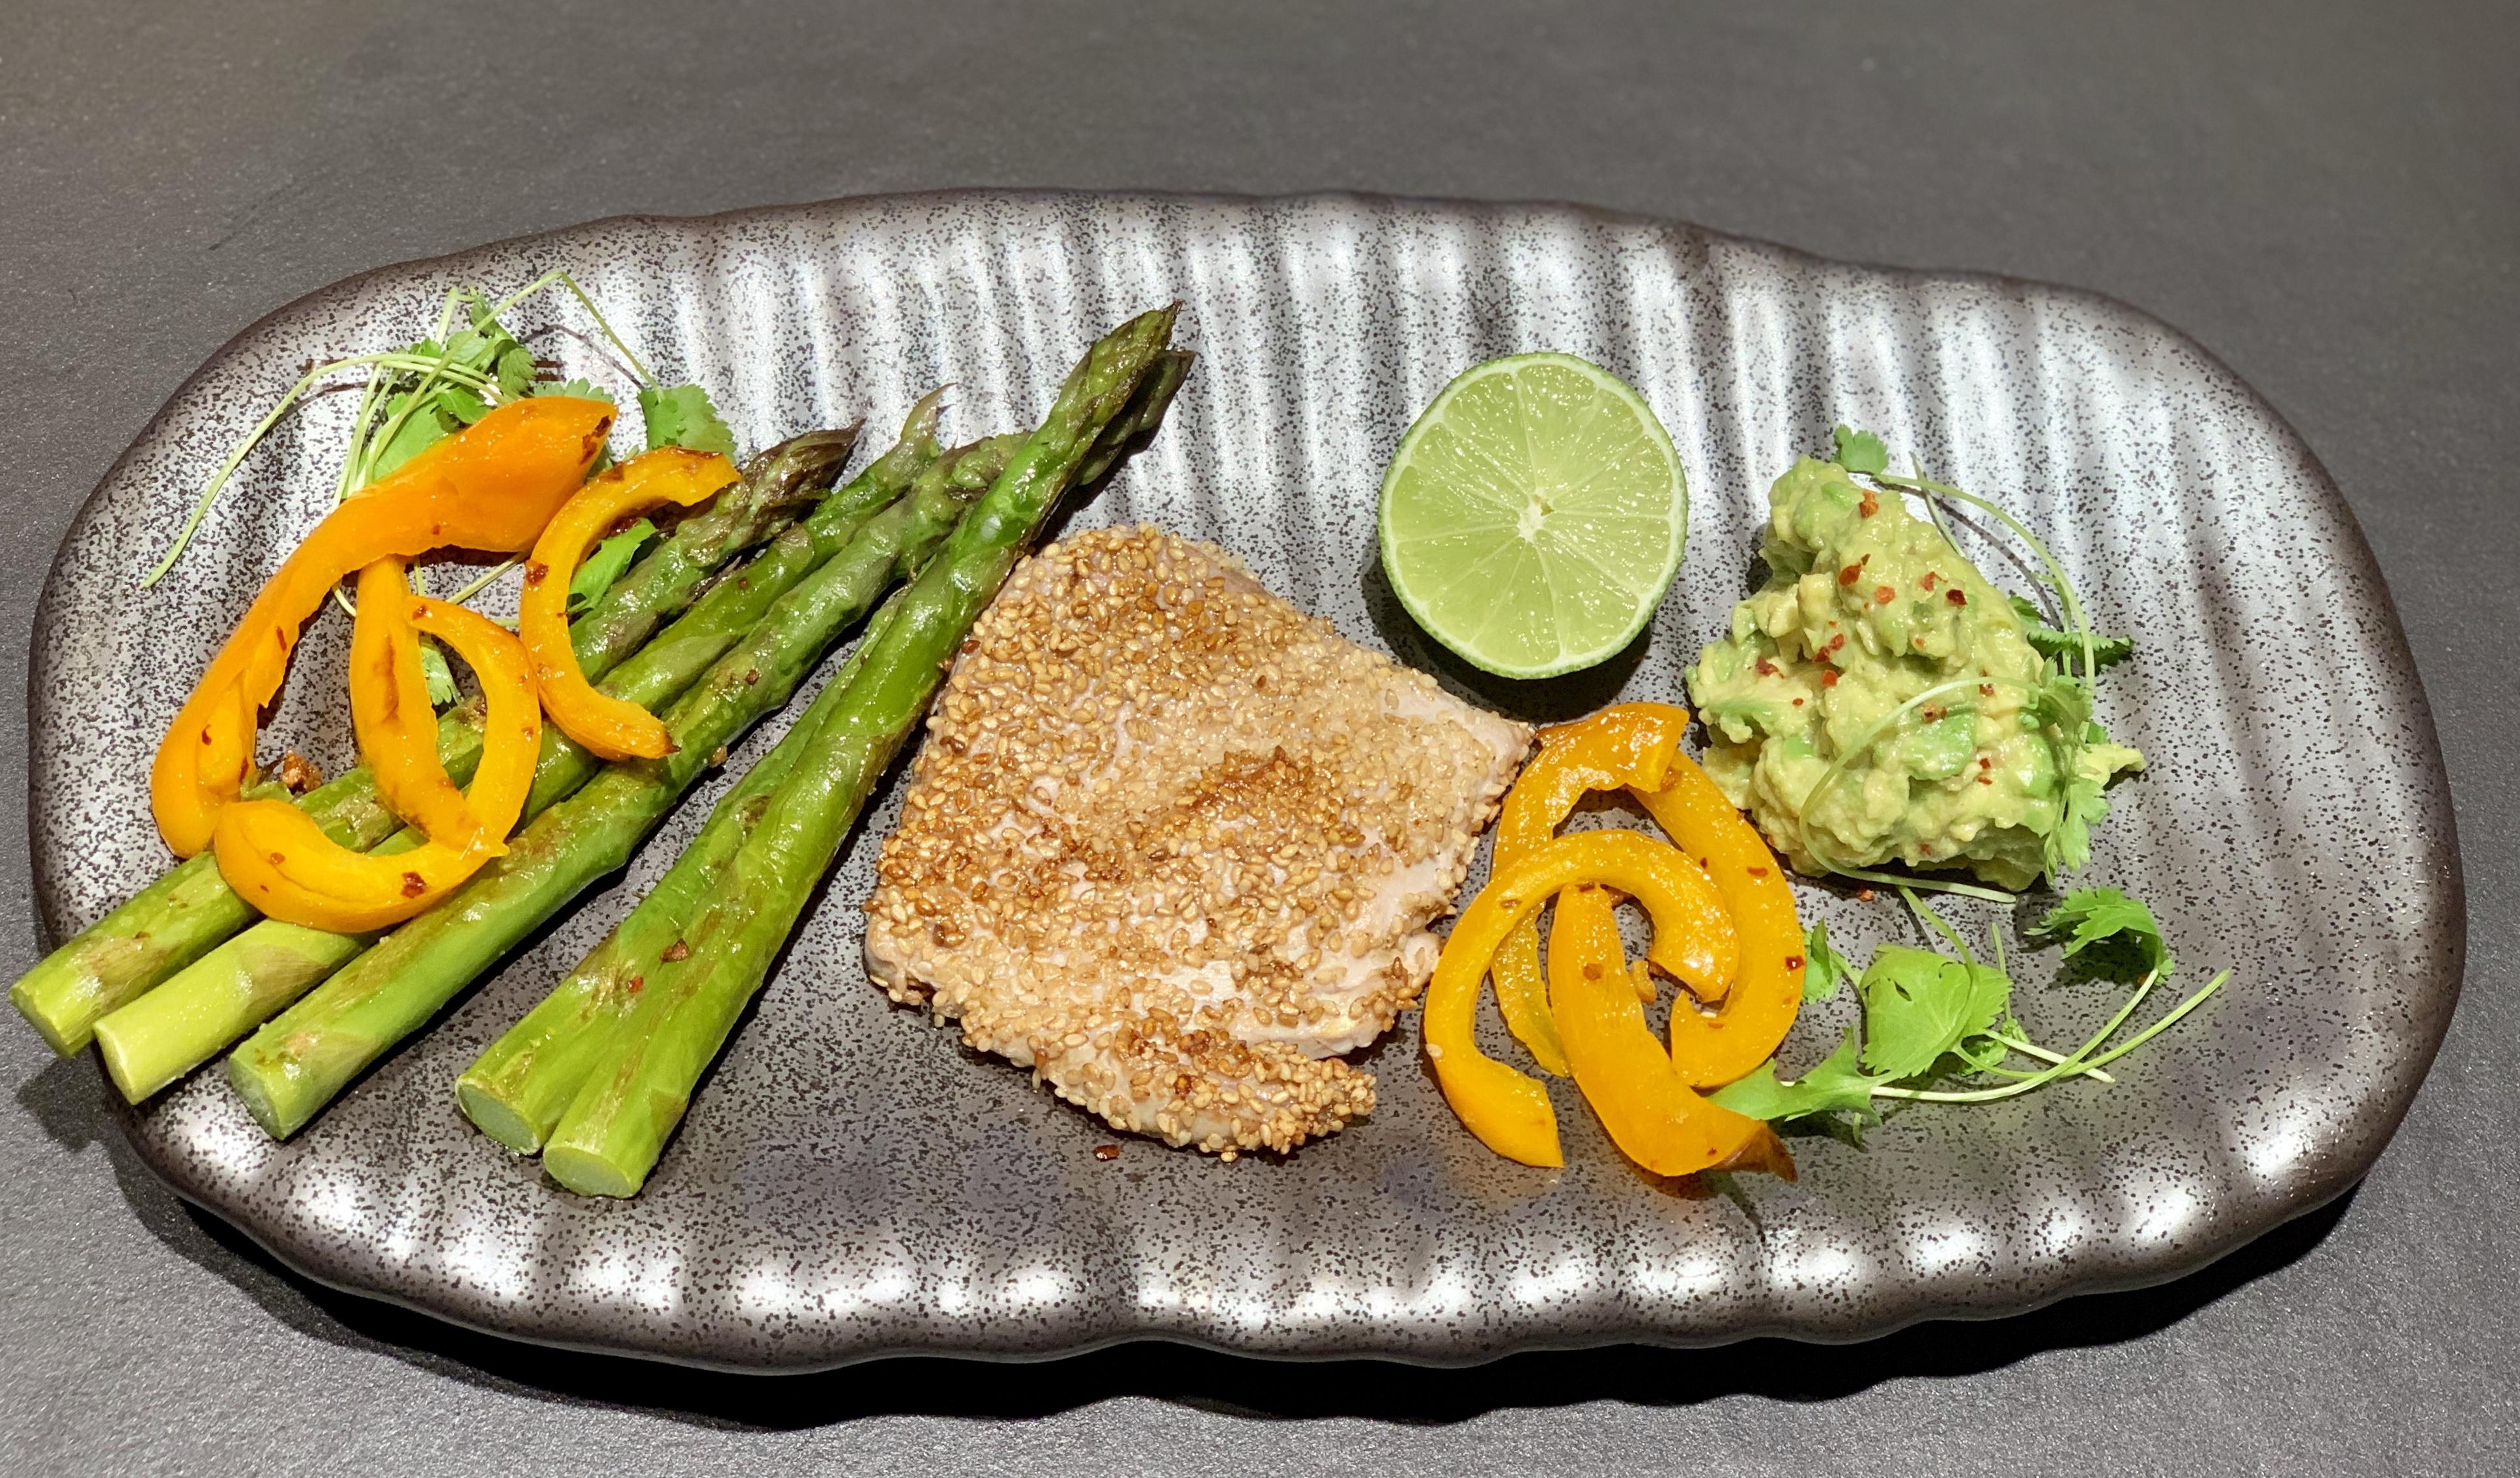 Thunfisch mit Sesamkruste, Gemüse und Guacamole*